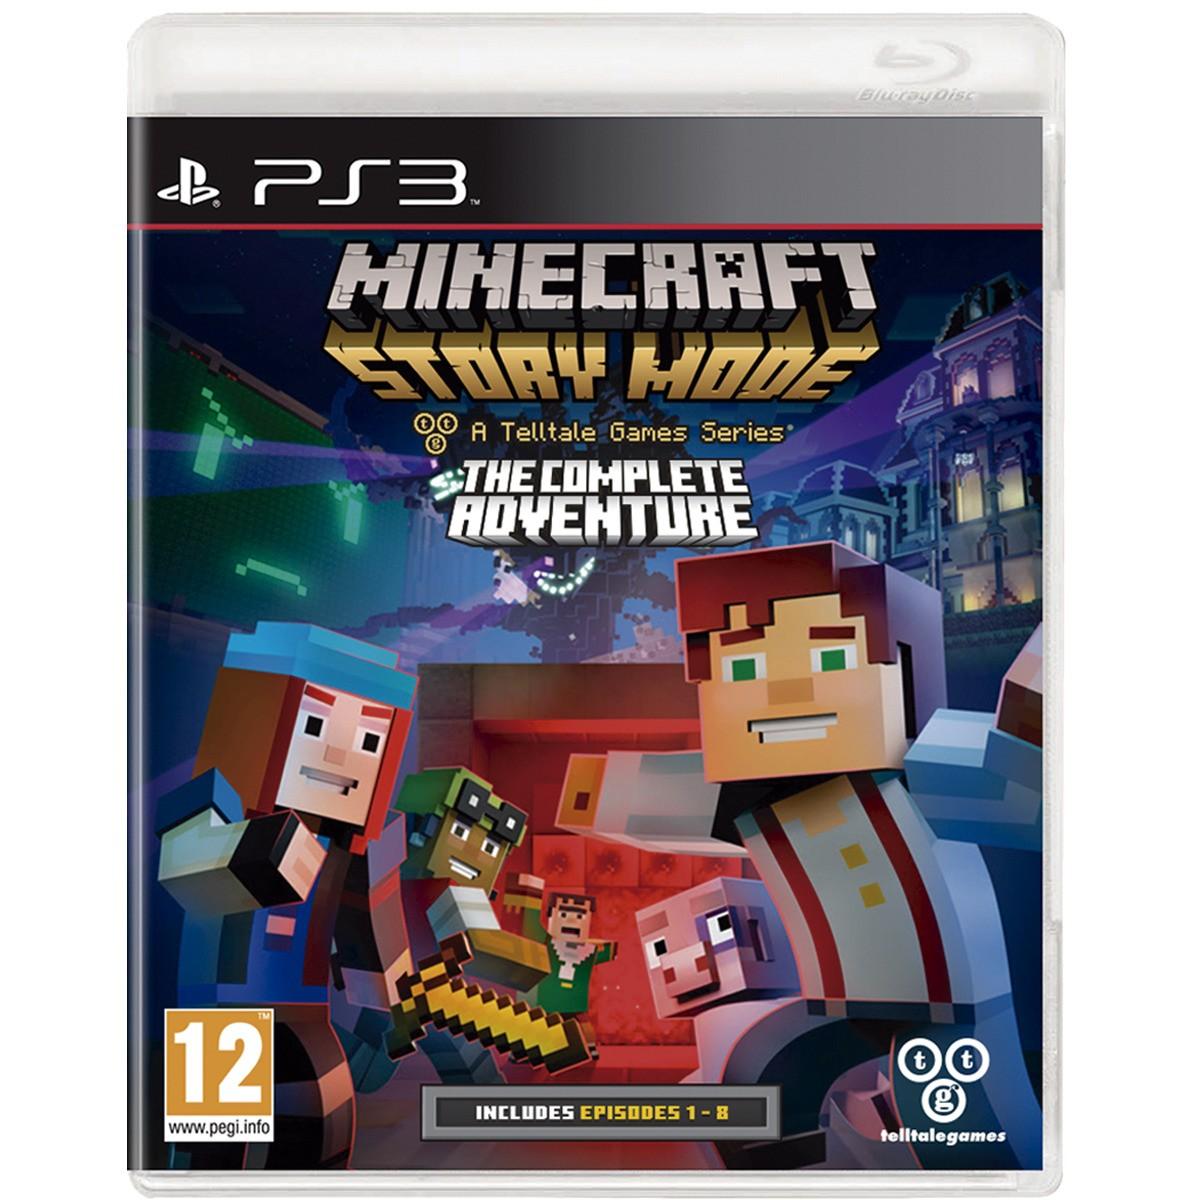 juegos-de-consolas-ps3-minecraft-story-mode-the-complete-adventure-juegos-de-consolas